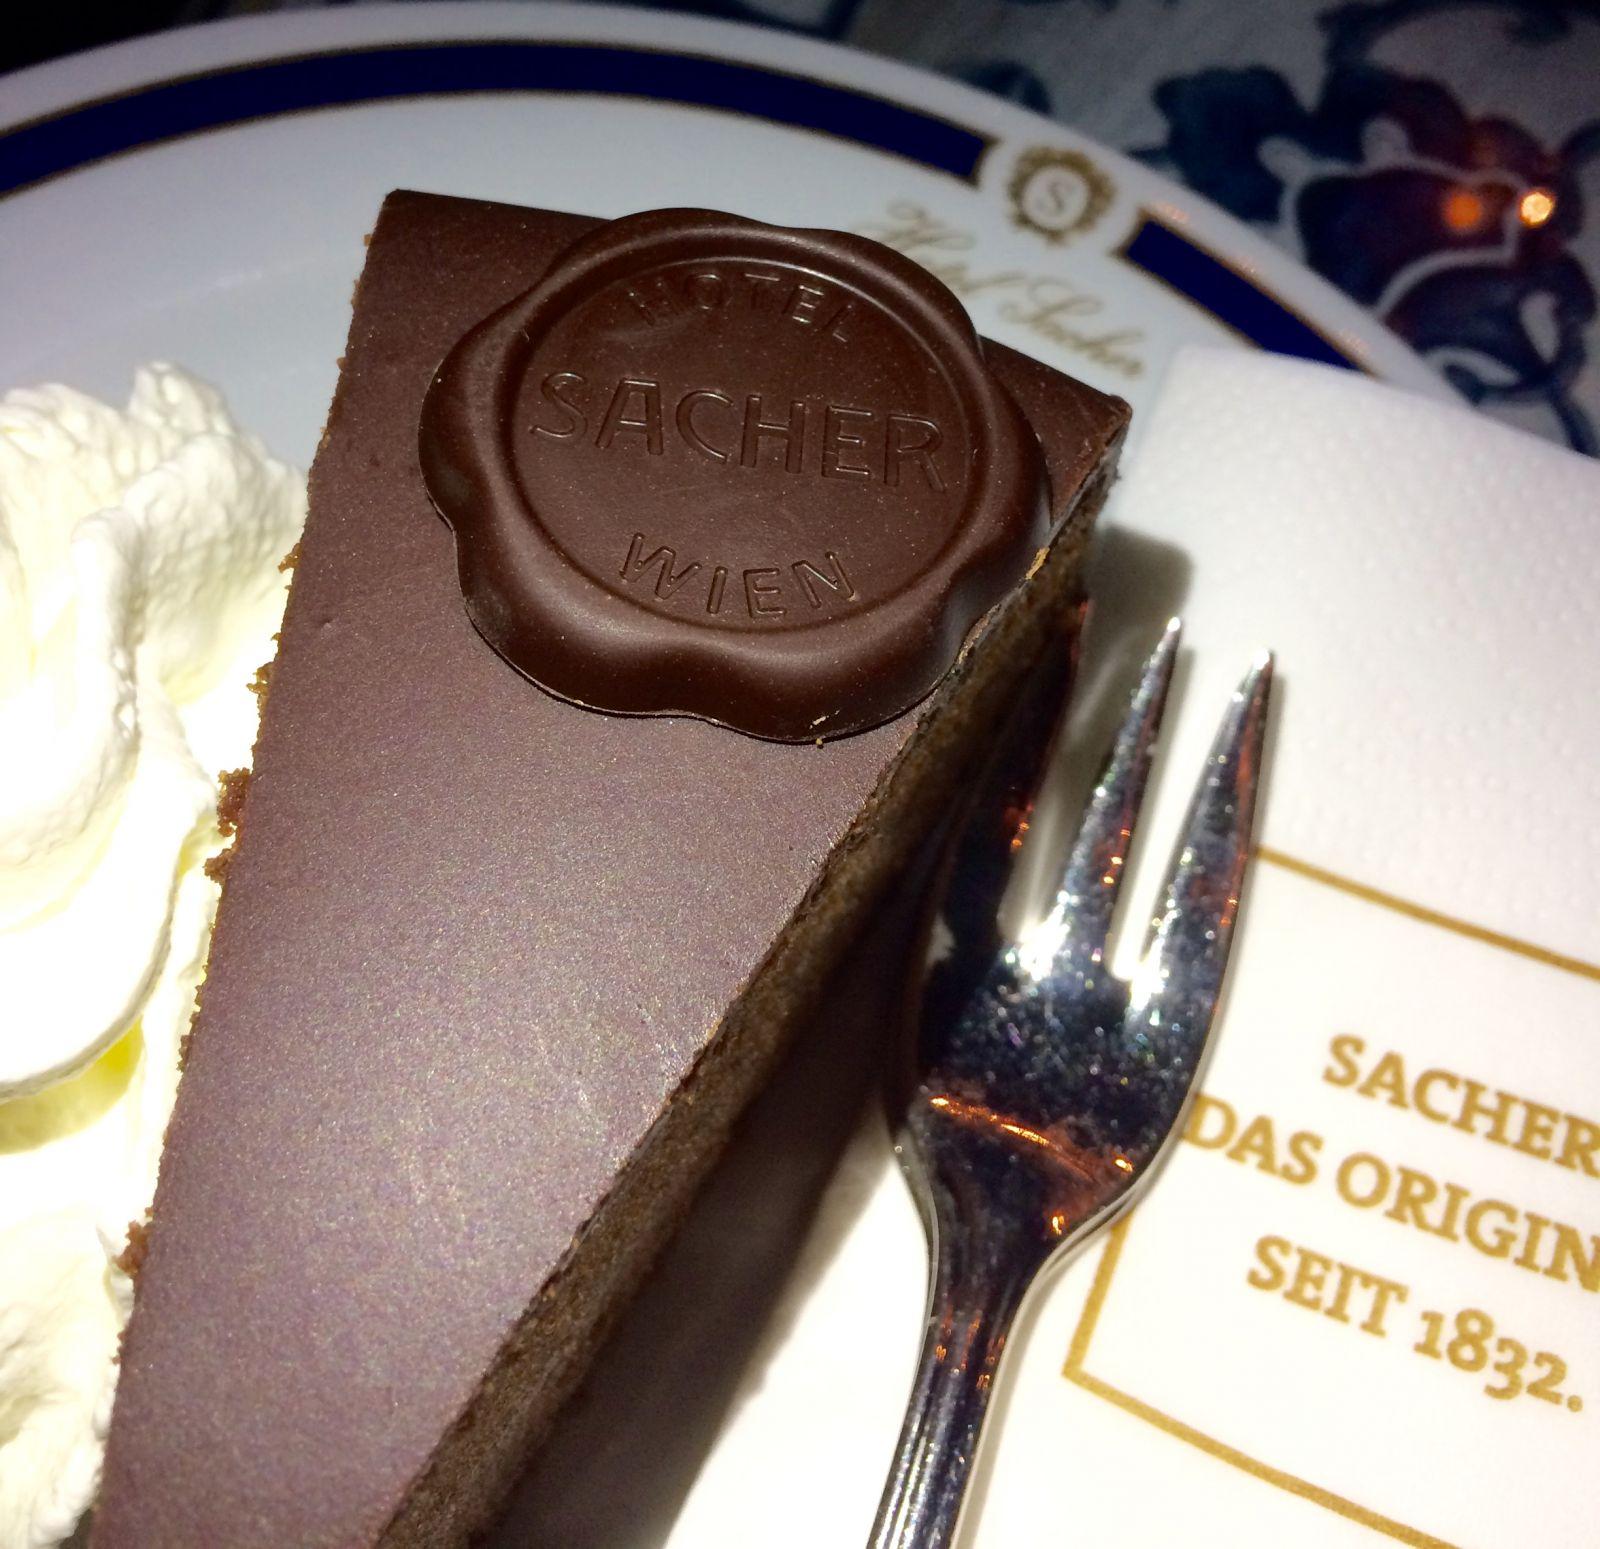 sacher-torte-sacher-hotel-vienna